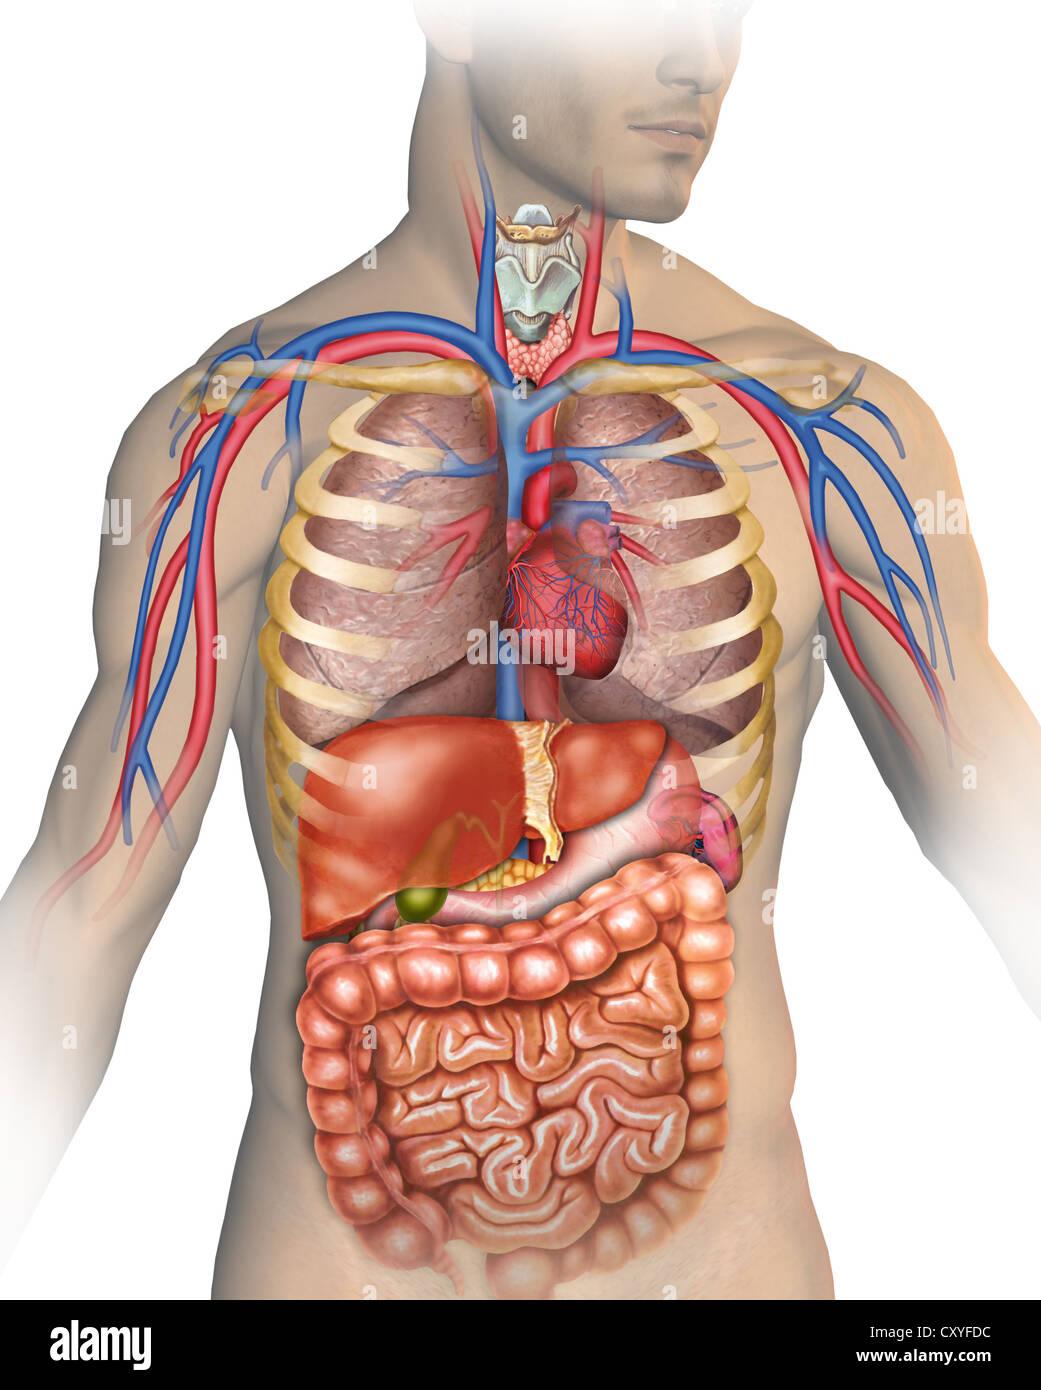 Anatomie des menschlichen Körpers mit verschiedenen Organen, aus ...